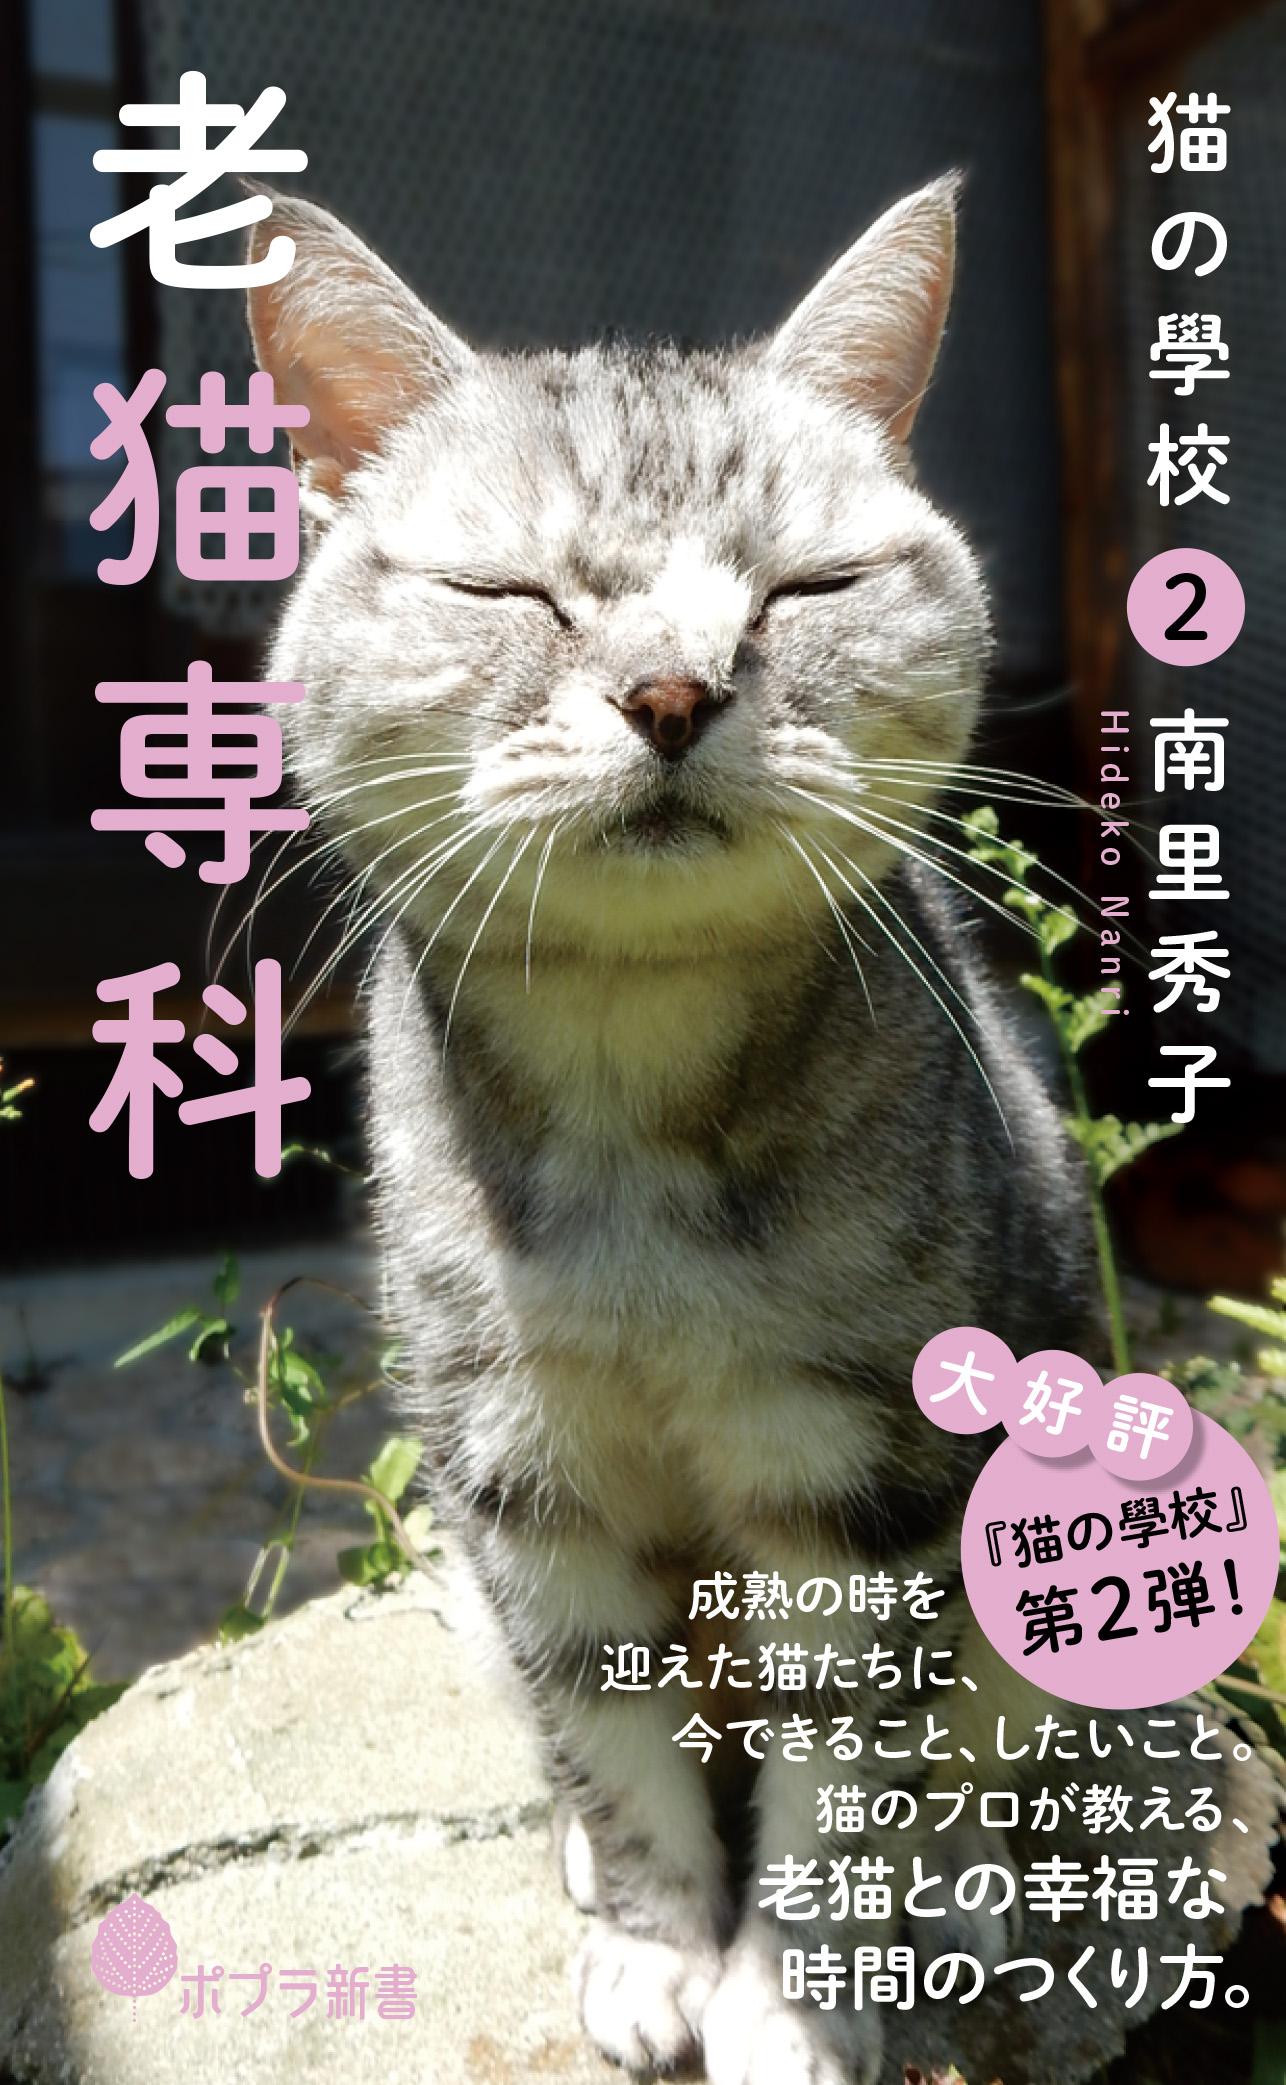 南里秀子さんポプラ新書『猫の學校2 老猫専科』刊行記念「特別課外授業」トーク&サイン会